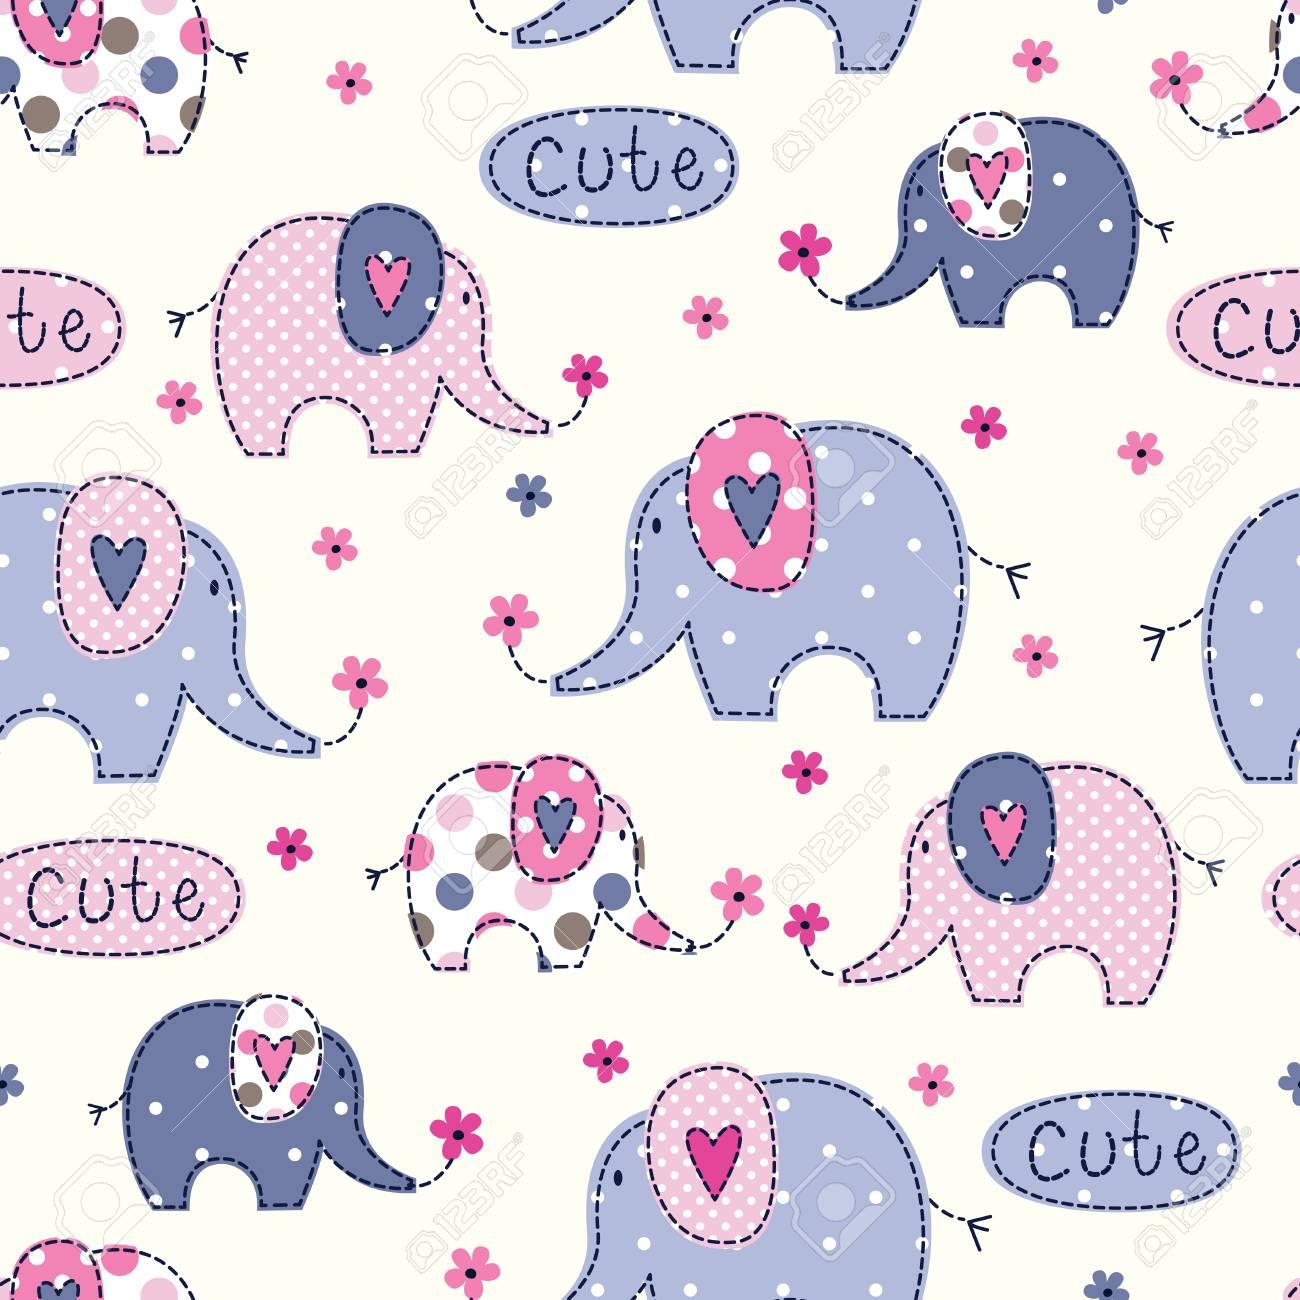 Modelo Inconsútil Con Los Elefantes, Lindo, Colorido, Flores Y ...